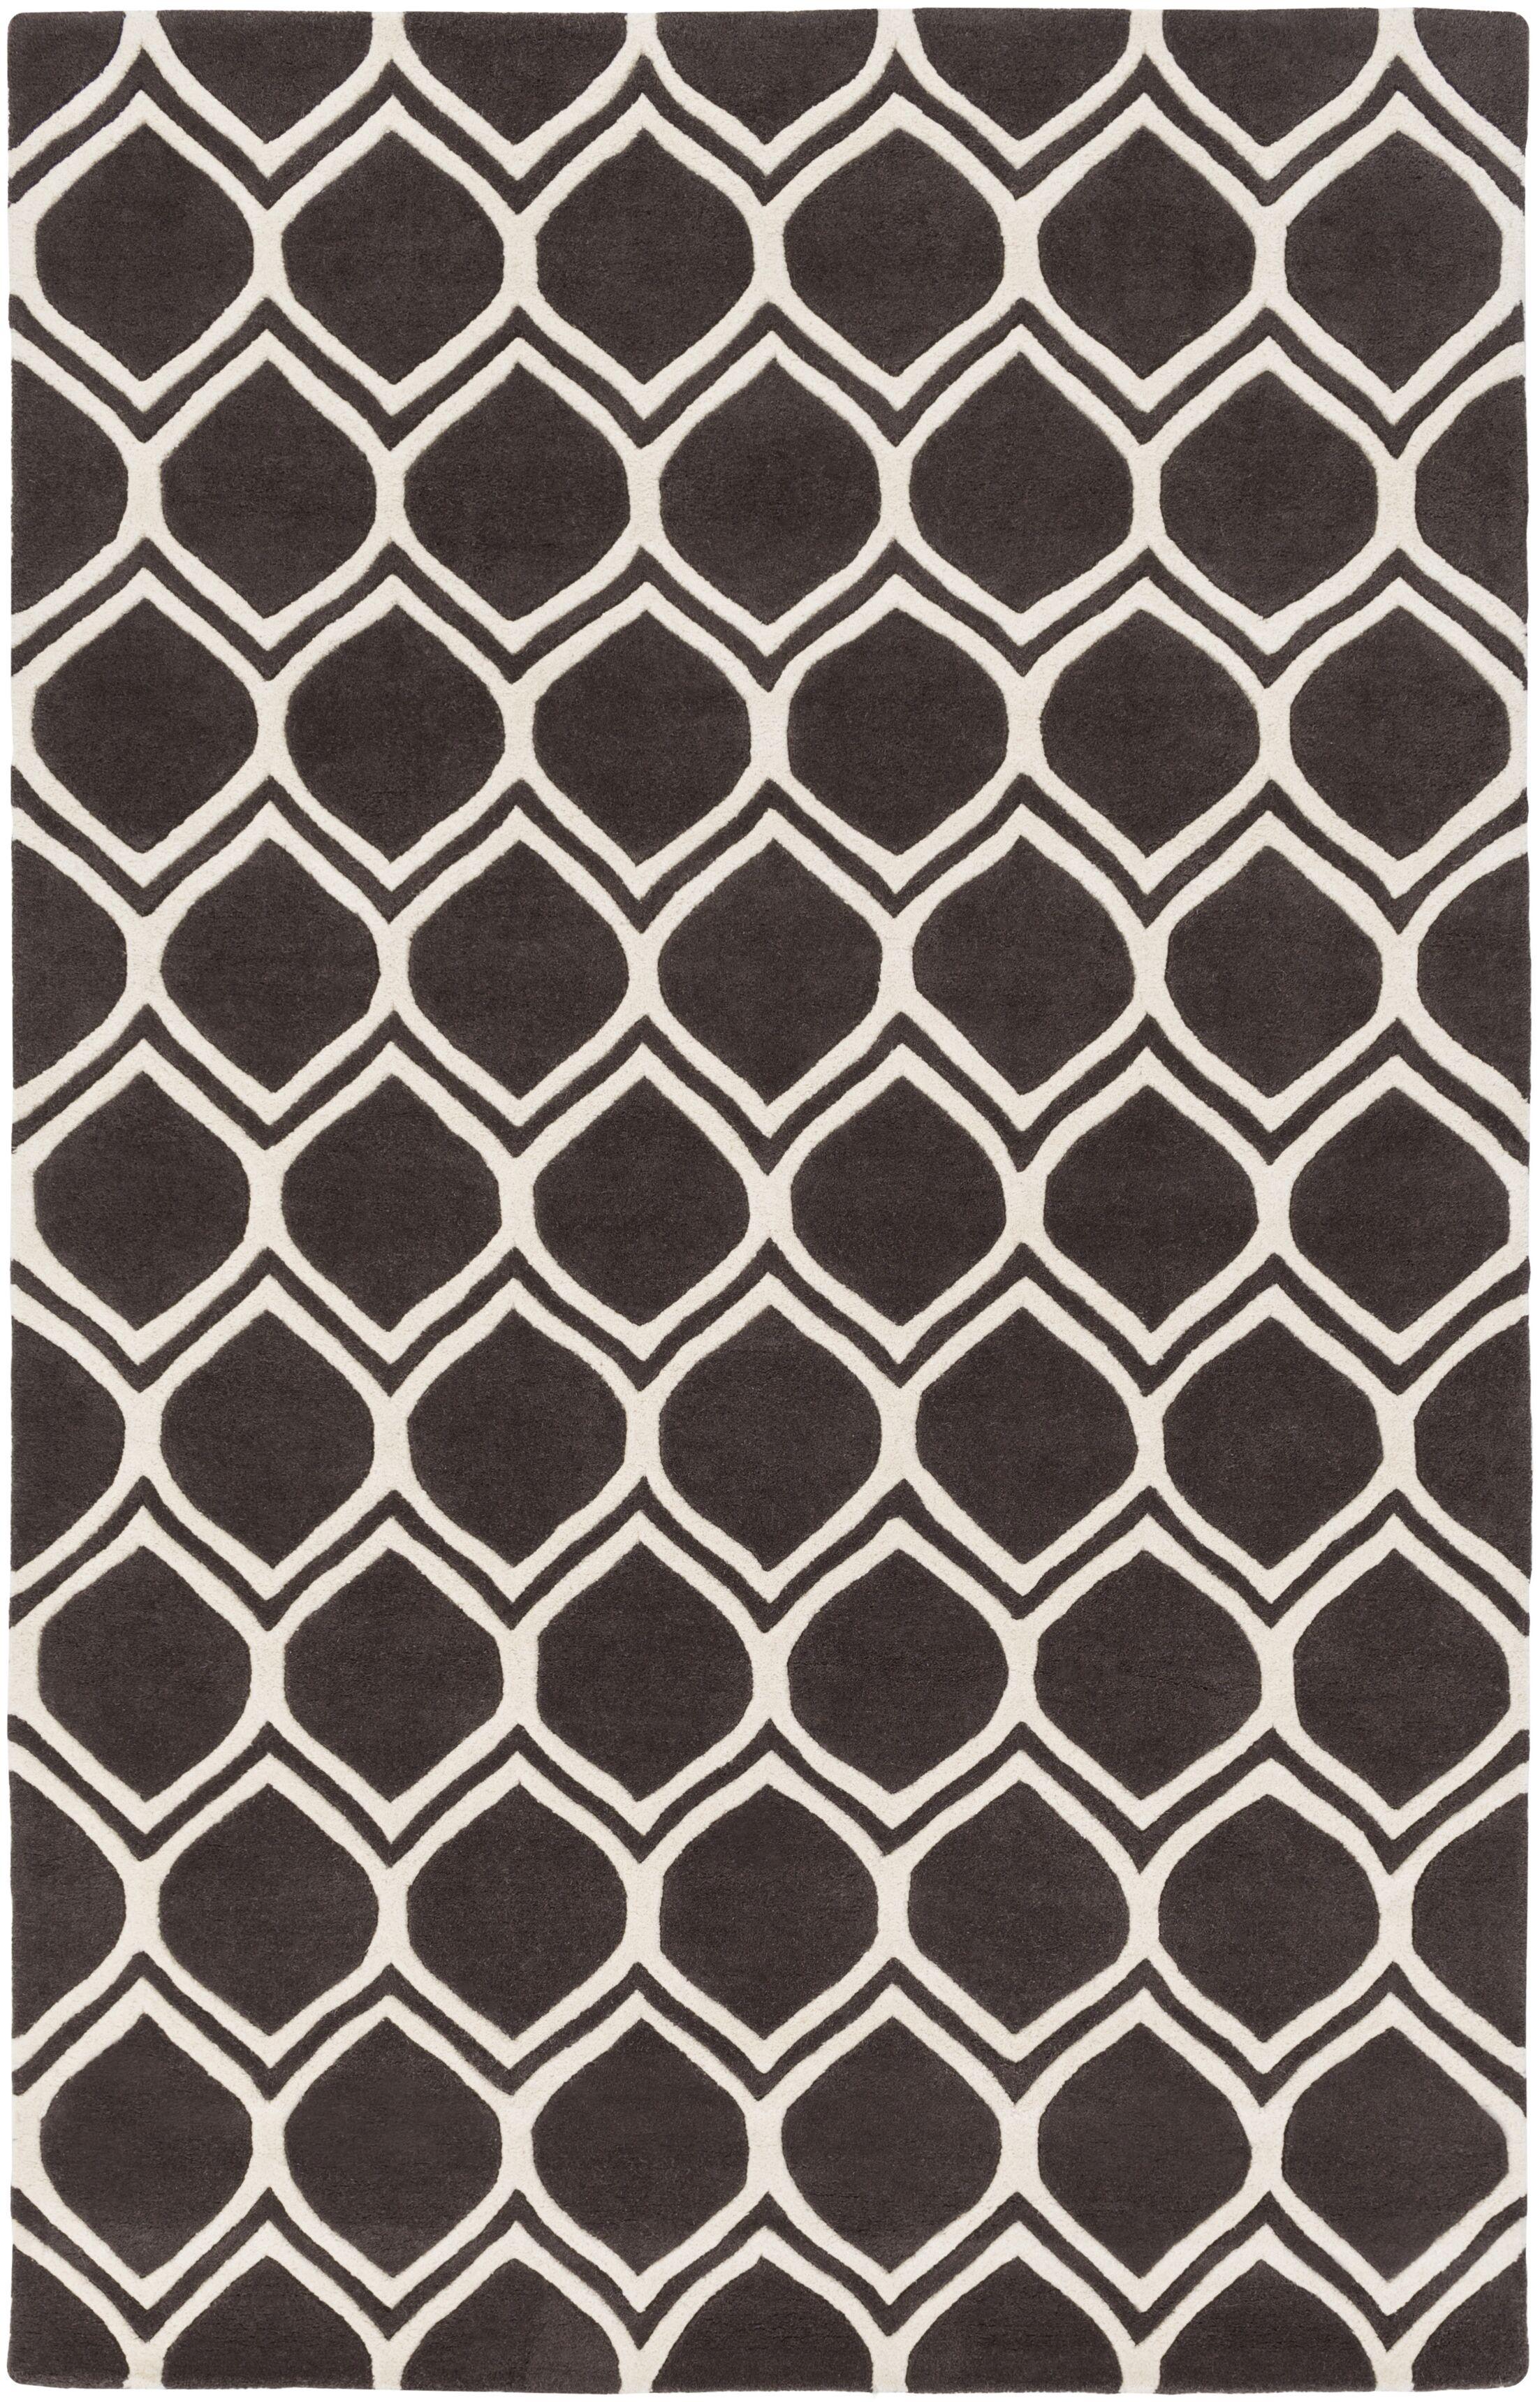 Zellner Hand-Tufted Black/Beige Area Rug Rug Size: Rectangle 4' x 6'